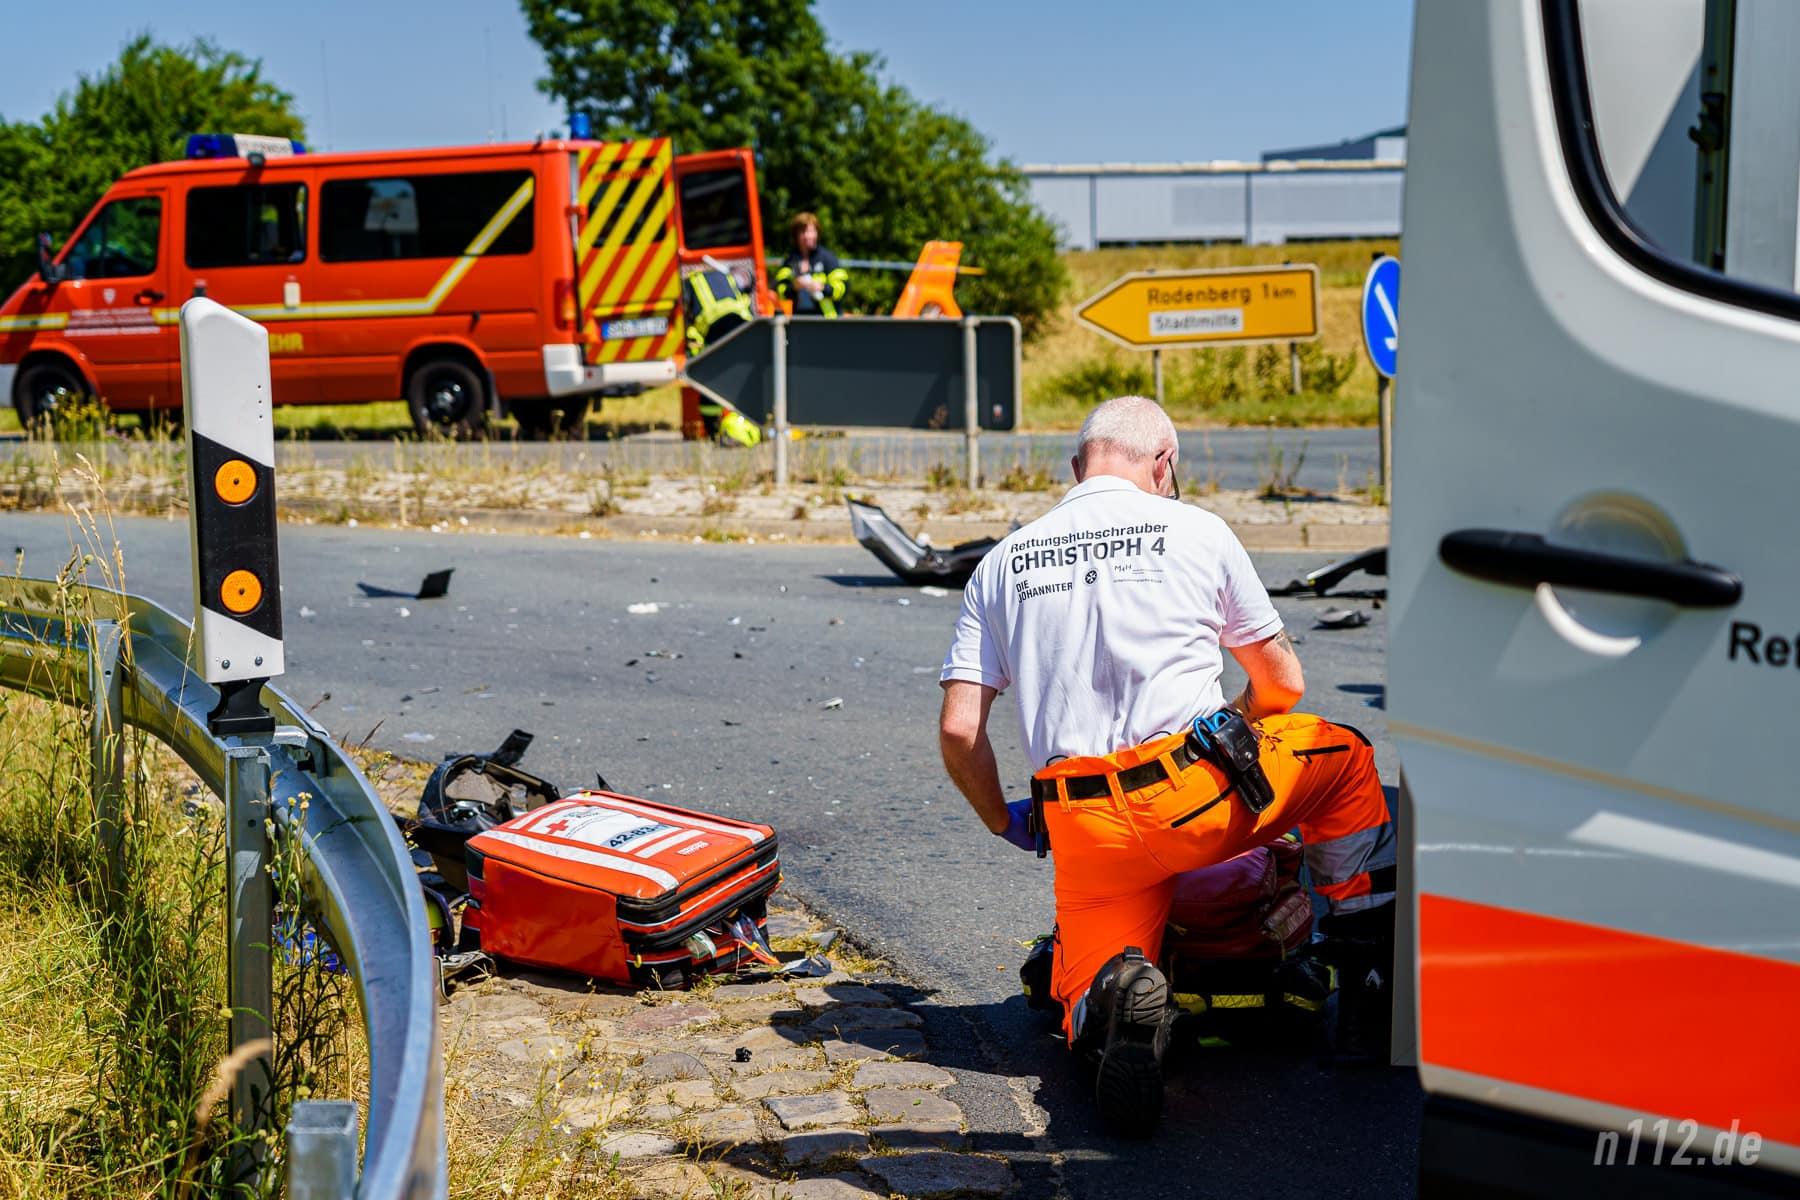 Ein Notfallsanitäter aus dem Rettungshubschrauber bereitet Medikamente vor und reicht sie anschließend dem Notarzt in den Rettungswagen (Foto: n112.de/Stefan Simonsen)